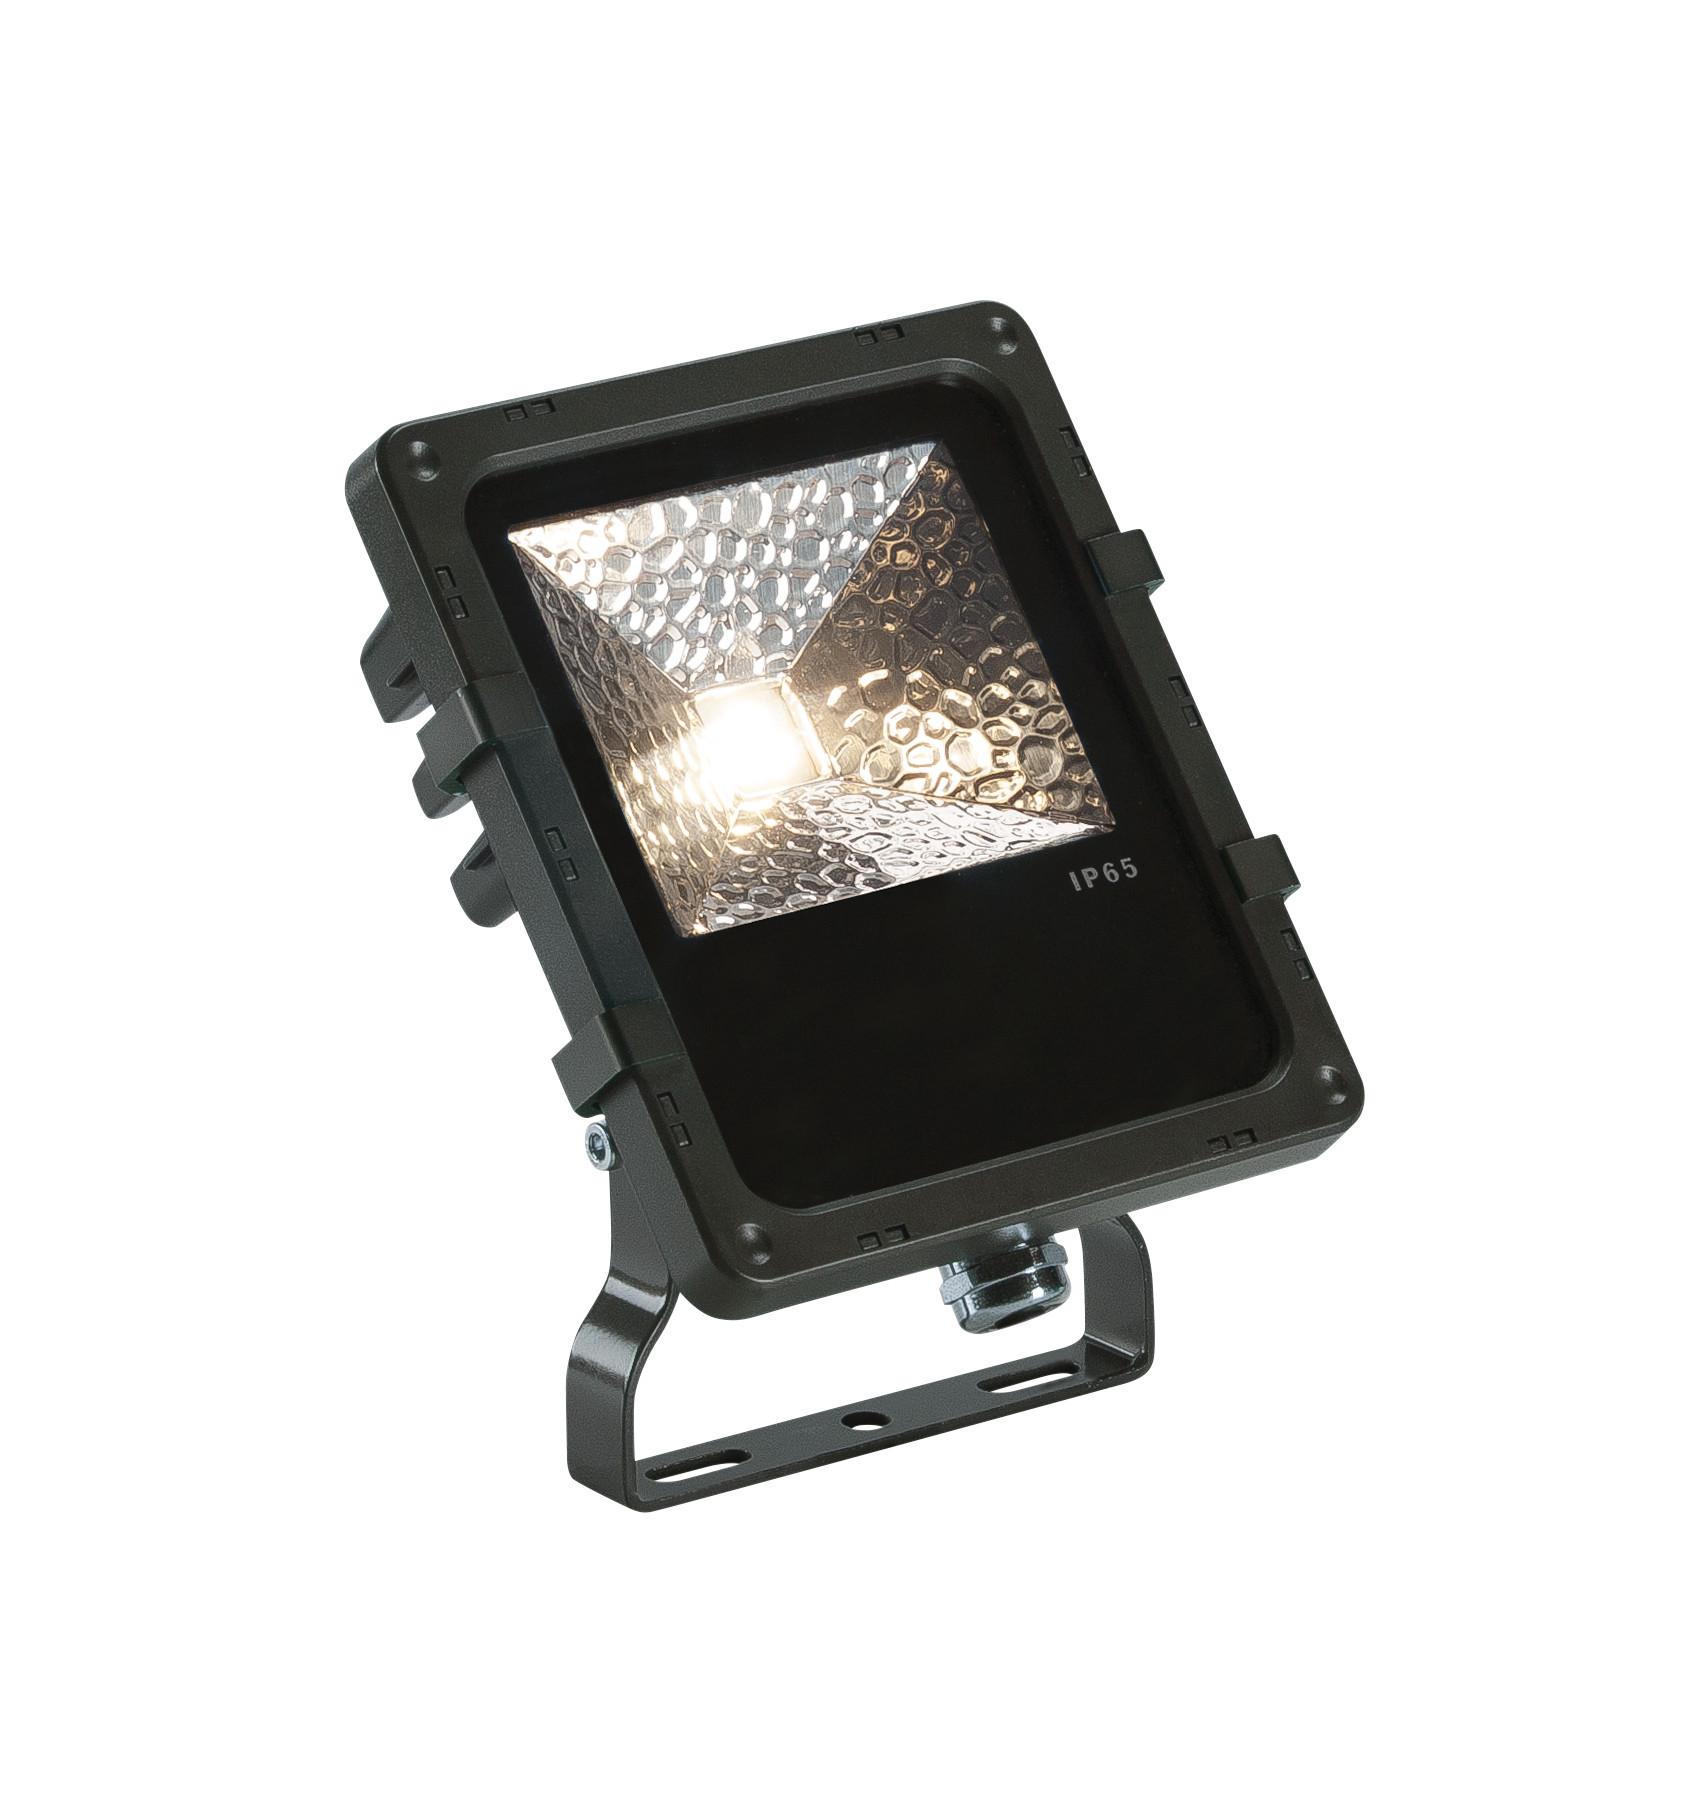 1 Stk DISOS LED Outdoor Flutlicht, schwarz, 3000K, 12W, IP65  LI1000803-